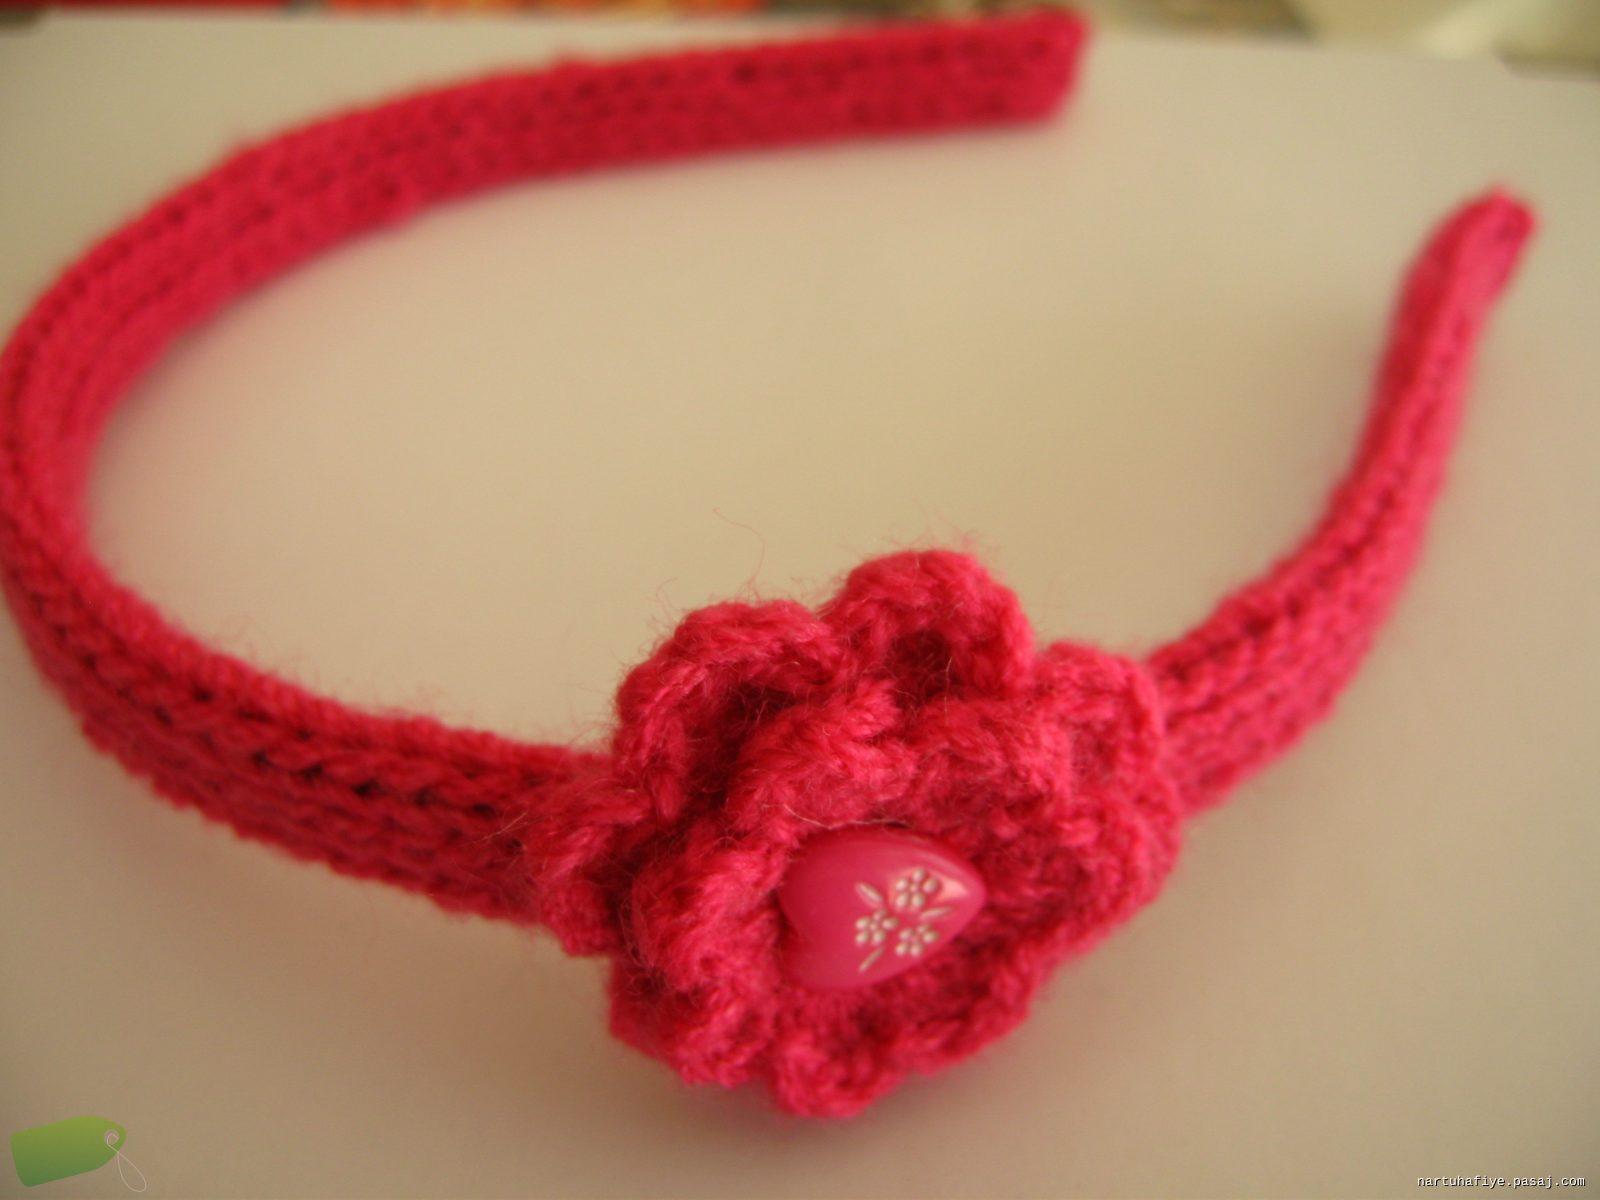 kırmızı çiçek motifli taç örneği